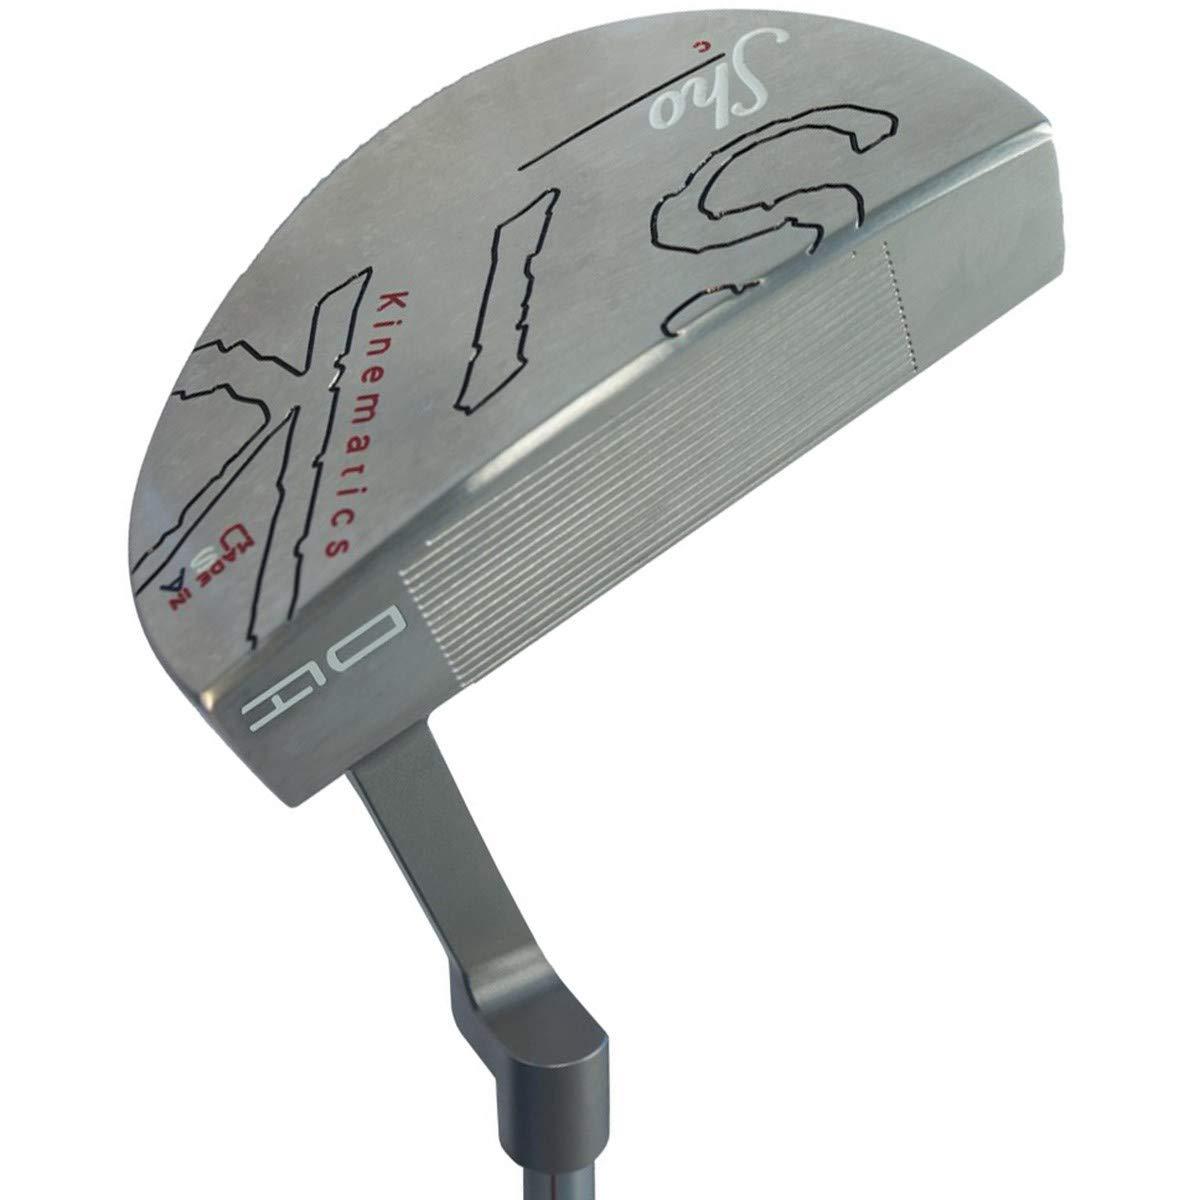 シックゴルフ(Sik Golf) パター SHO クランクネック 33インチ ユニセックス ‐ 右